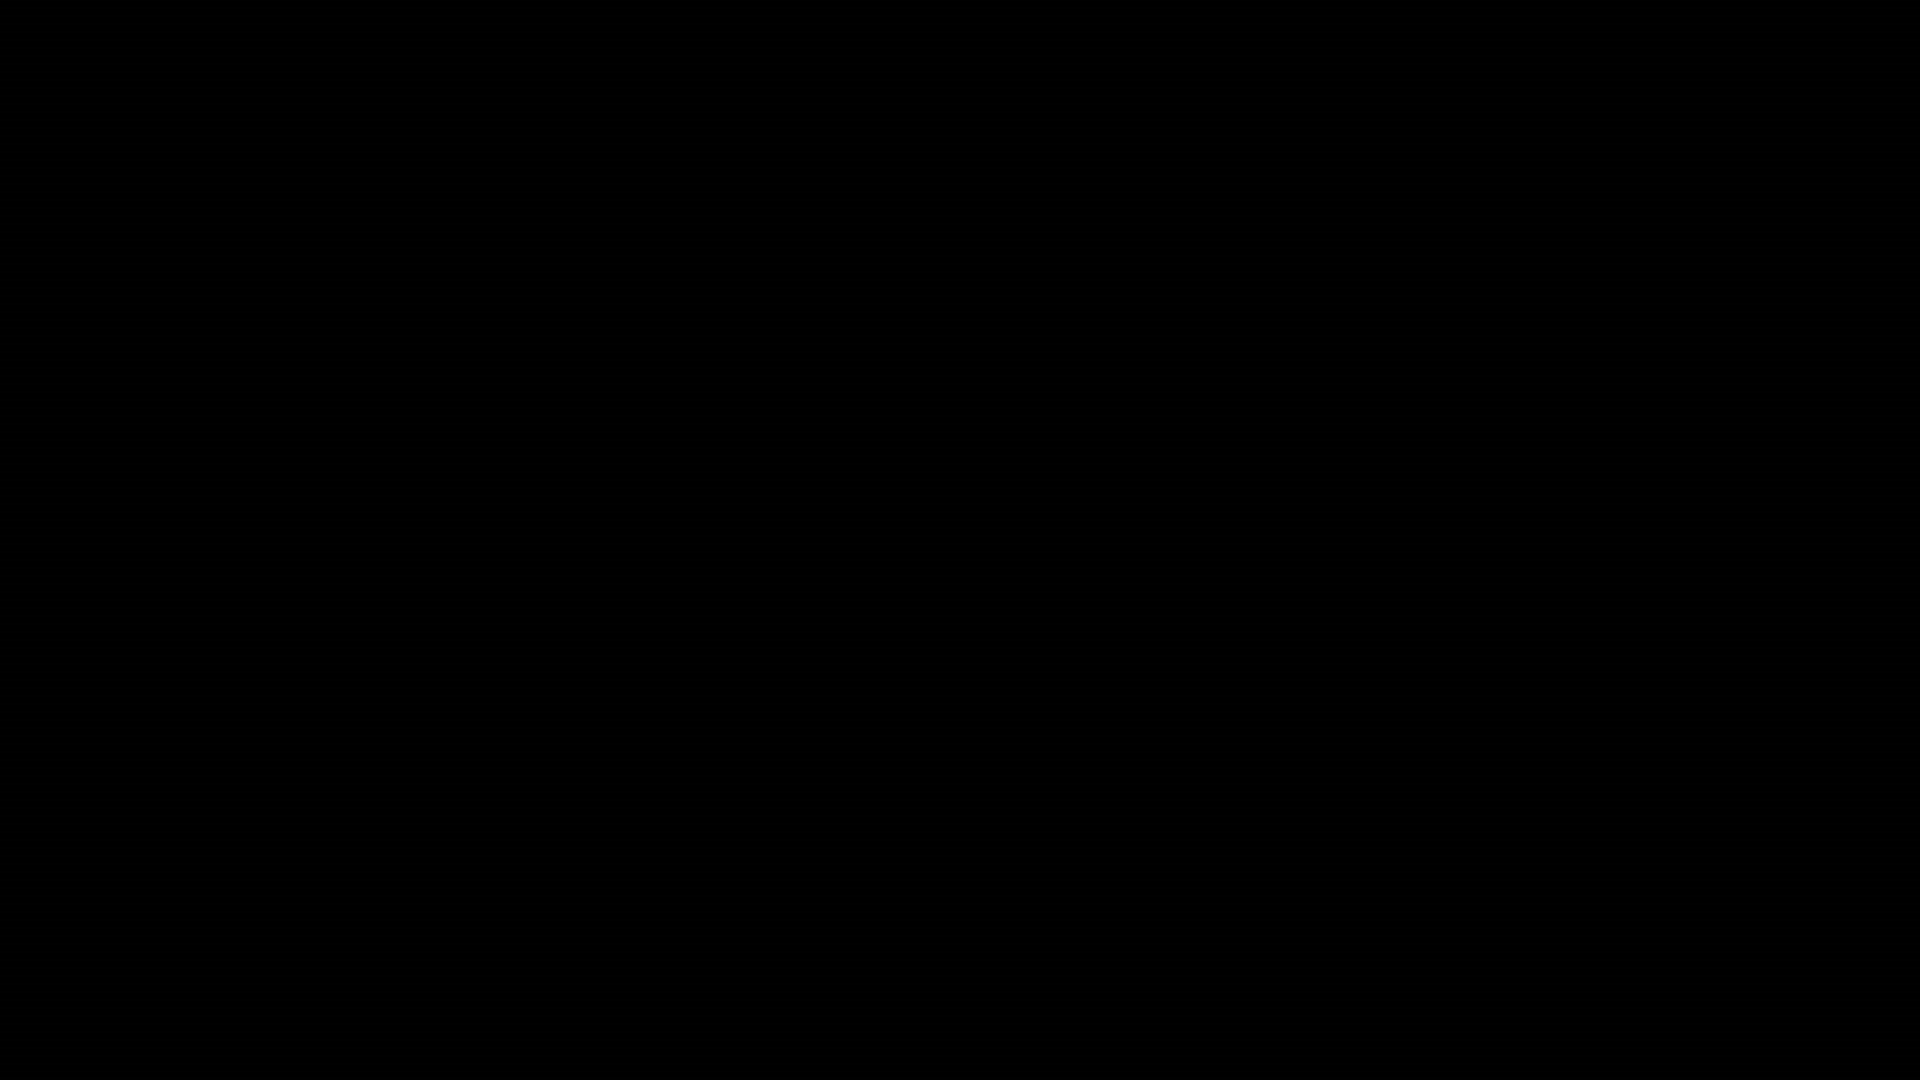 Diseño de encargo al por mayor del pelo humano de la extensión de embalaje de caja de papel con logotipo